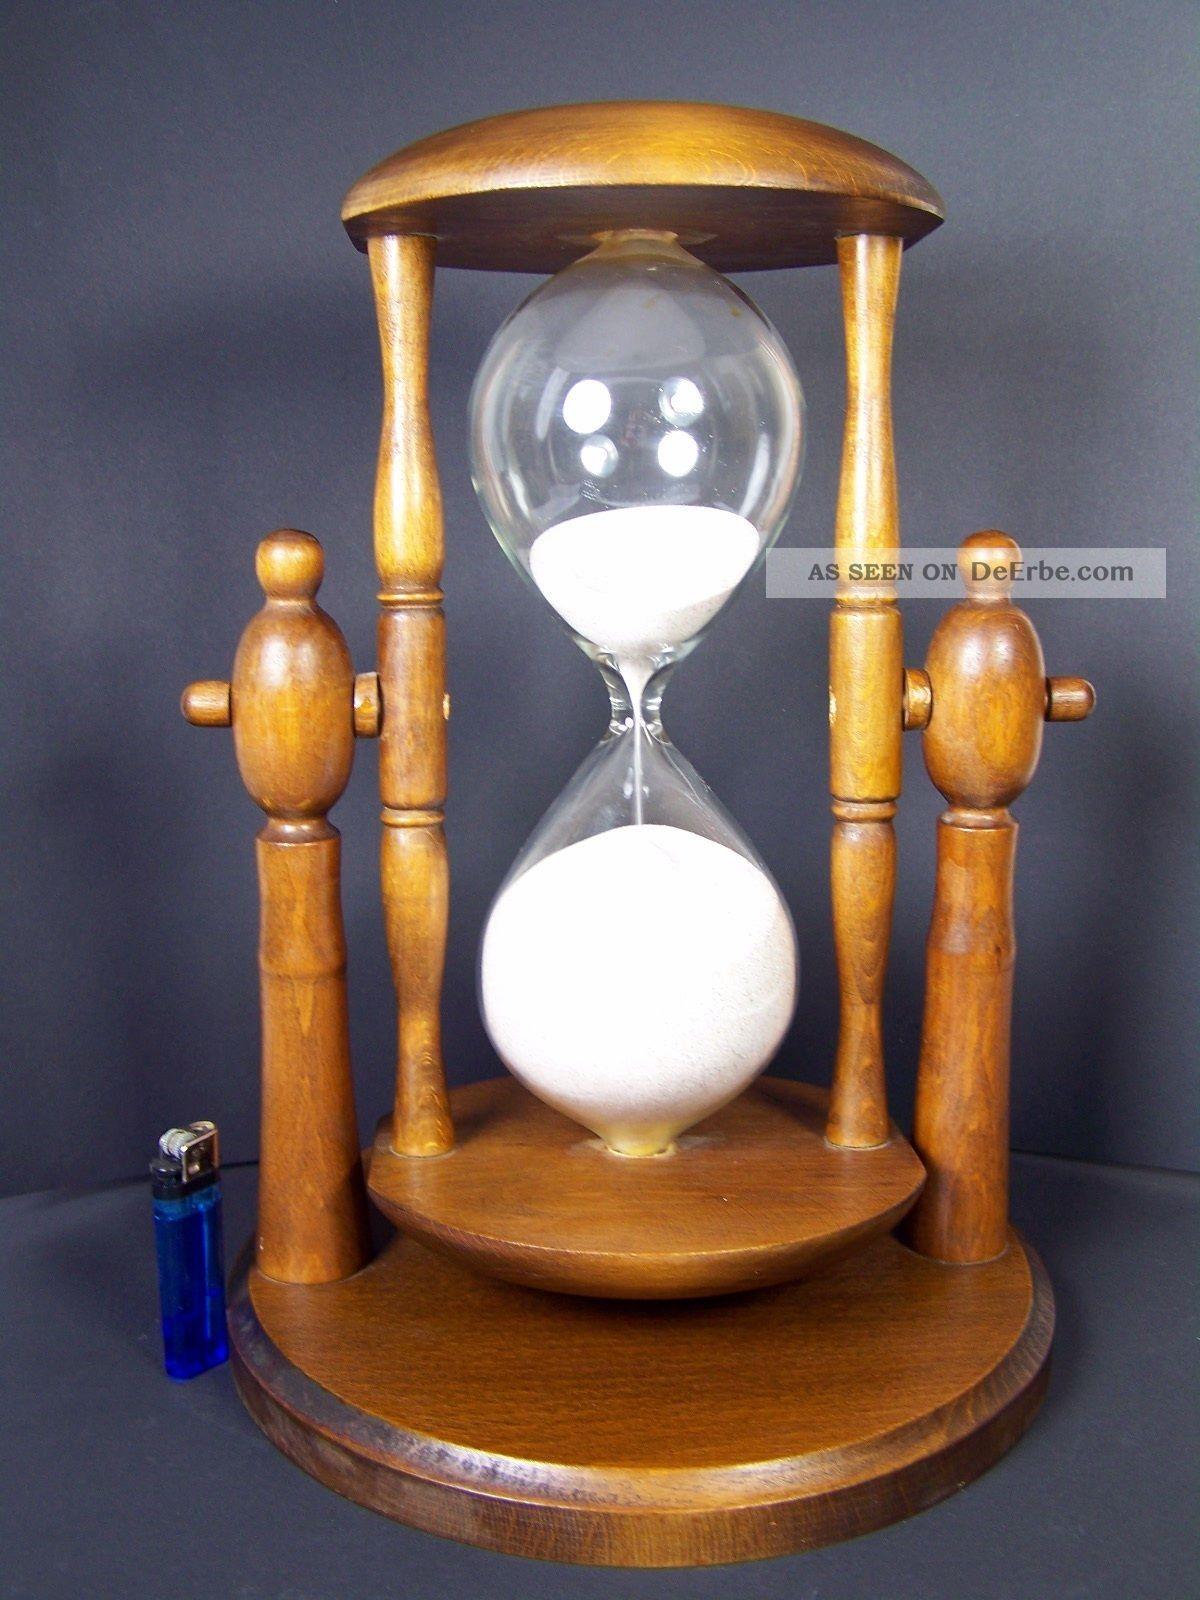 xxl pr chtige riesen sanduhr stundenglas glasenuhr holz 1 stunde laufzeit. Black Bedroom Furniture Sets. Home Design Ideas